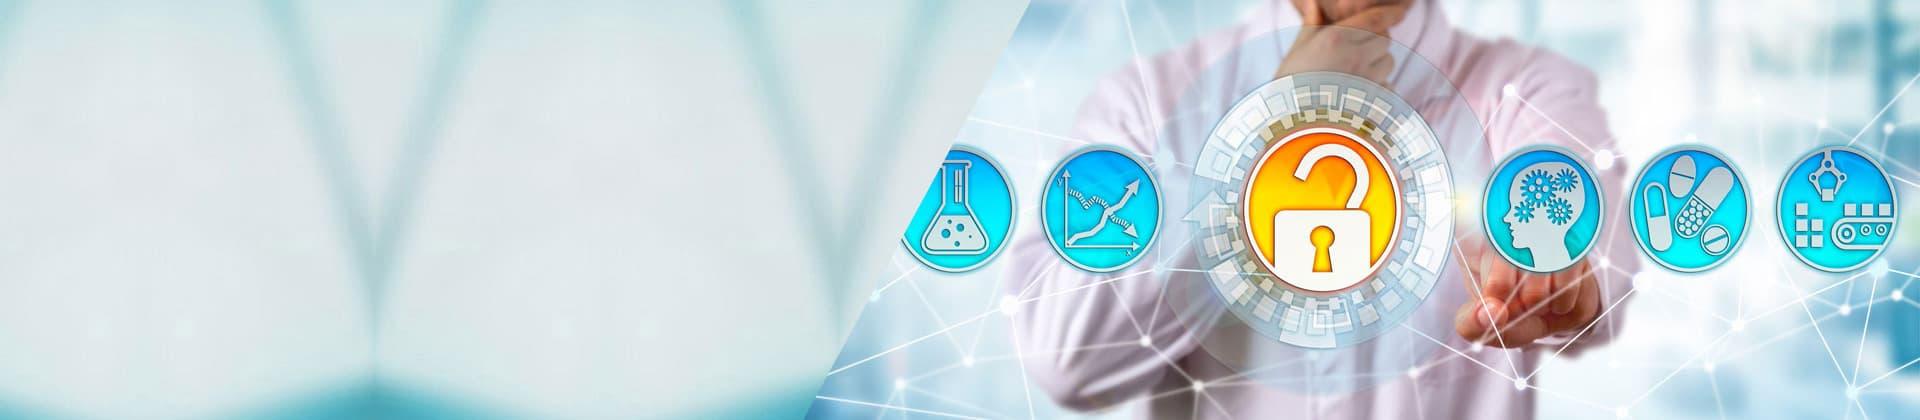 Pasteur Central Laboratories Ltd | Home